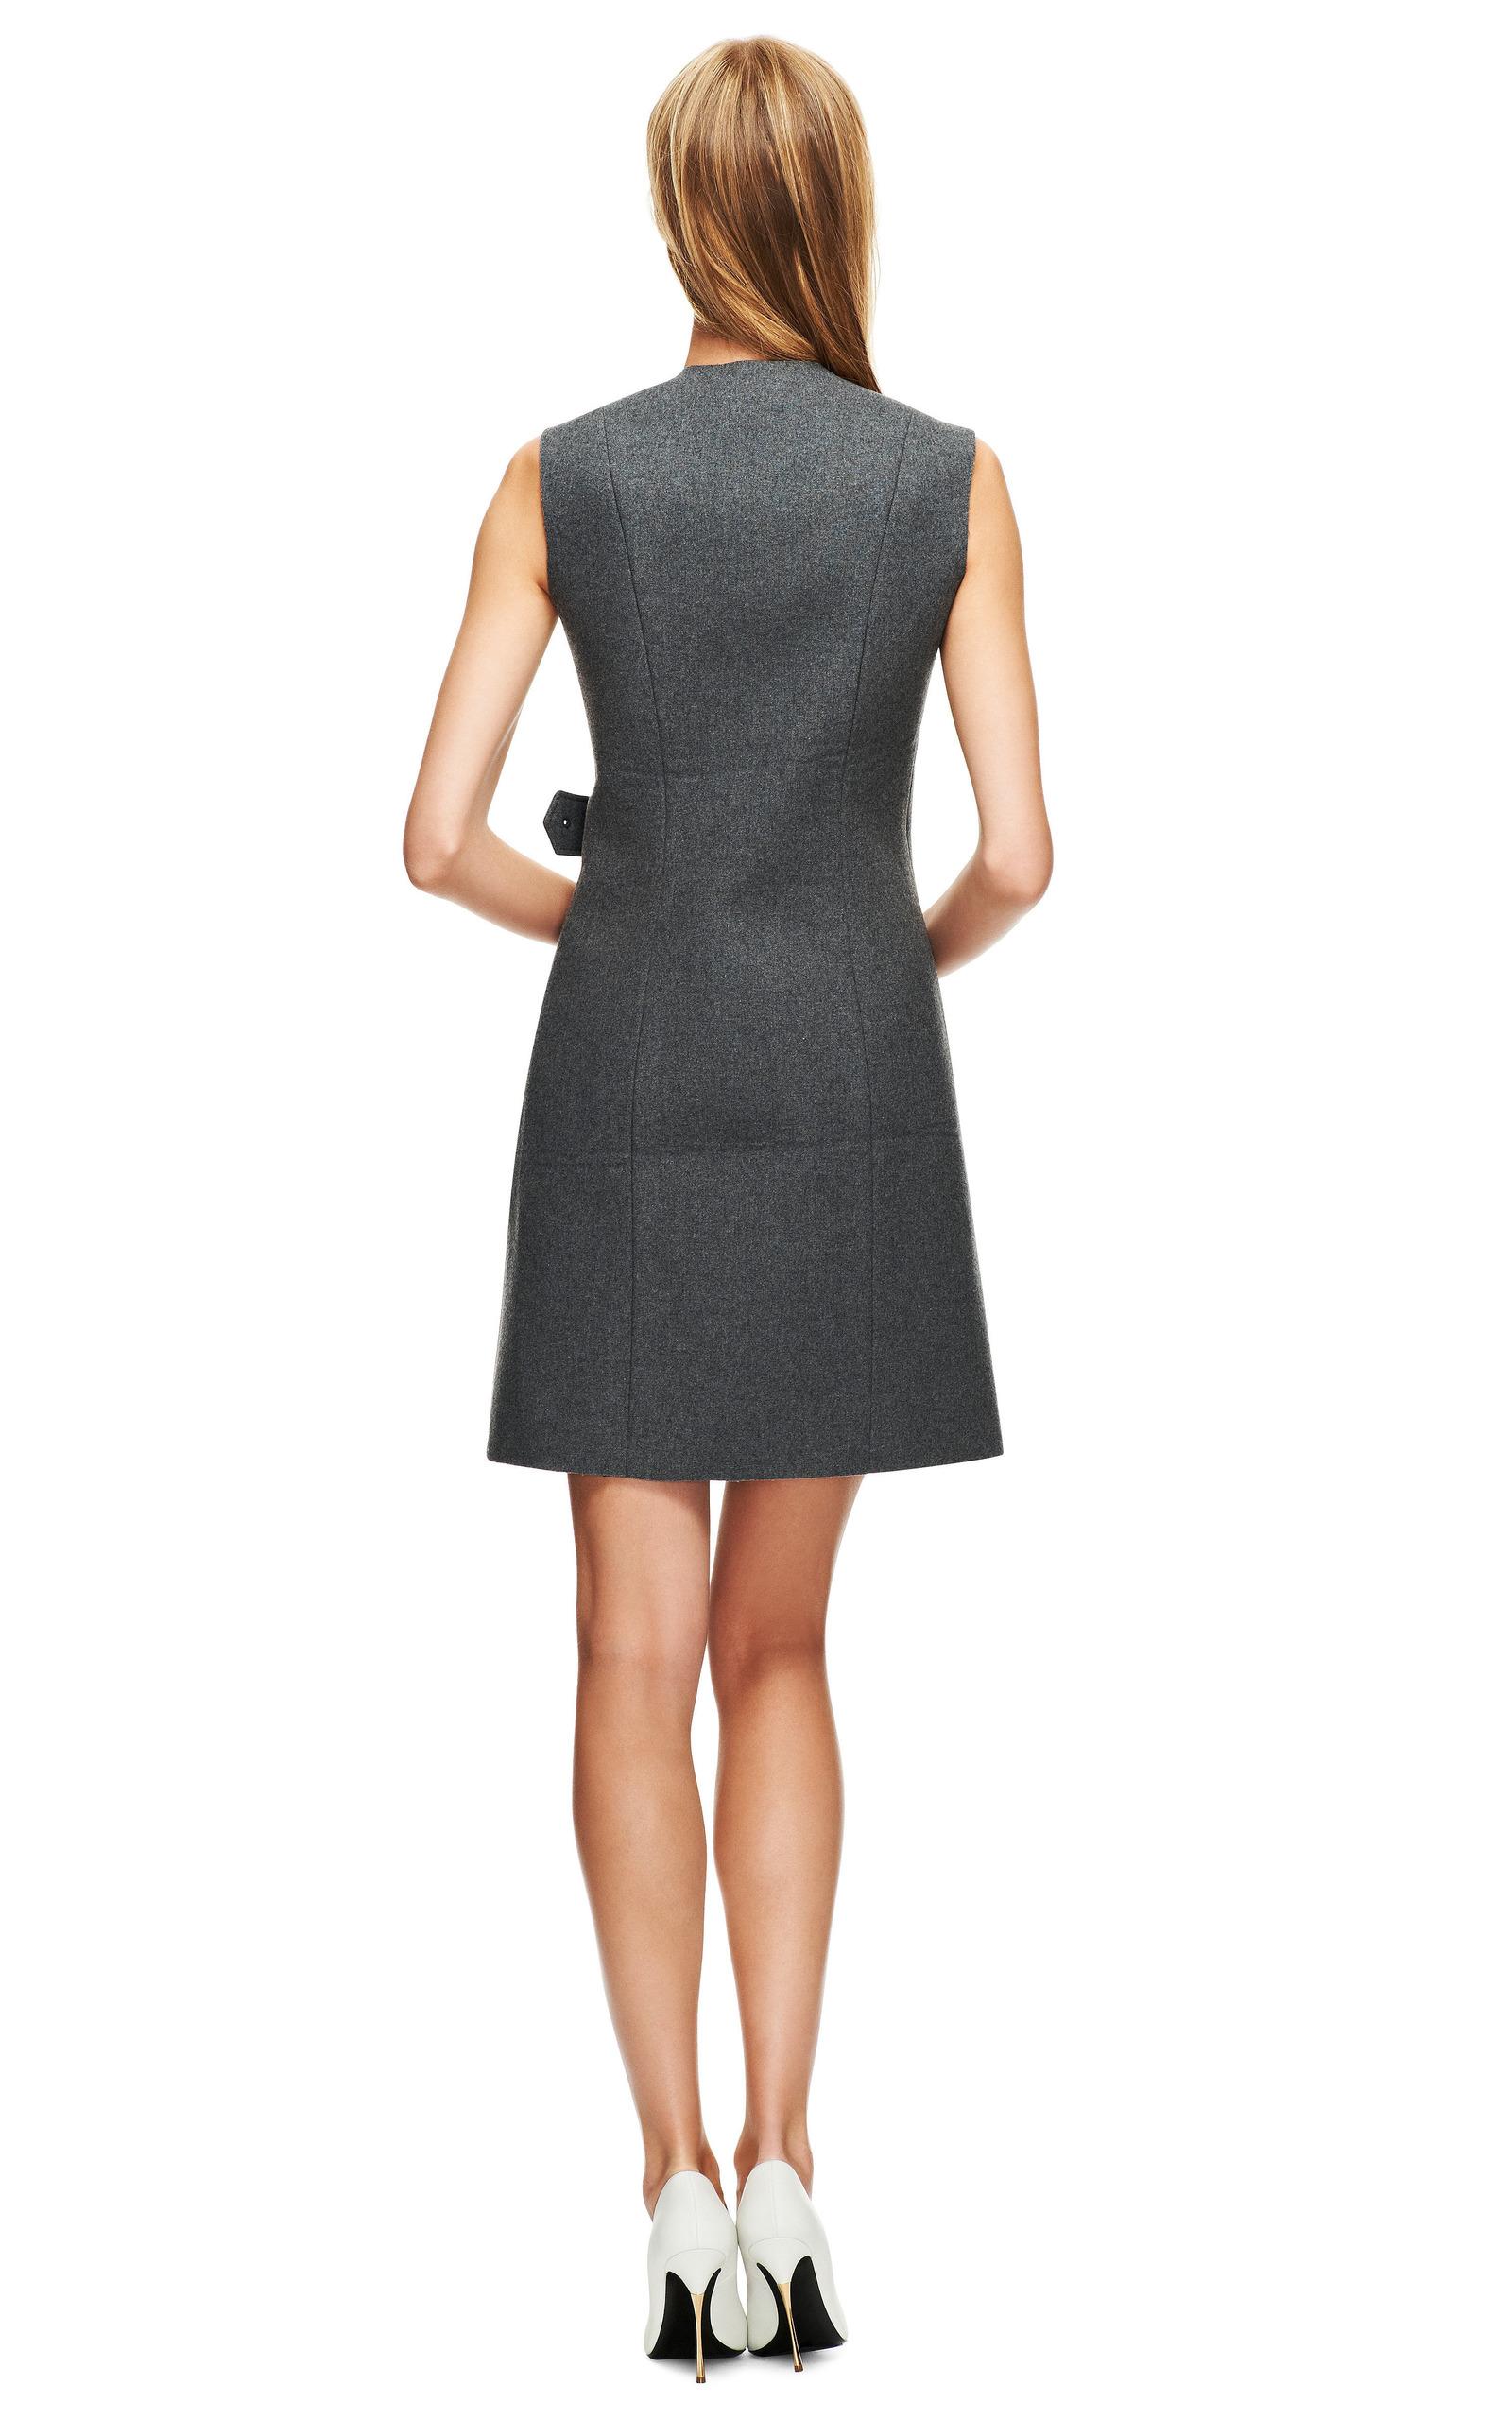 4d171dce987f8 JW AndersonBonded Neoprene Wool Dress. CLOSE. Loading. Loading. Loading